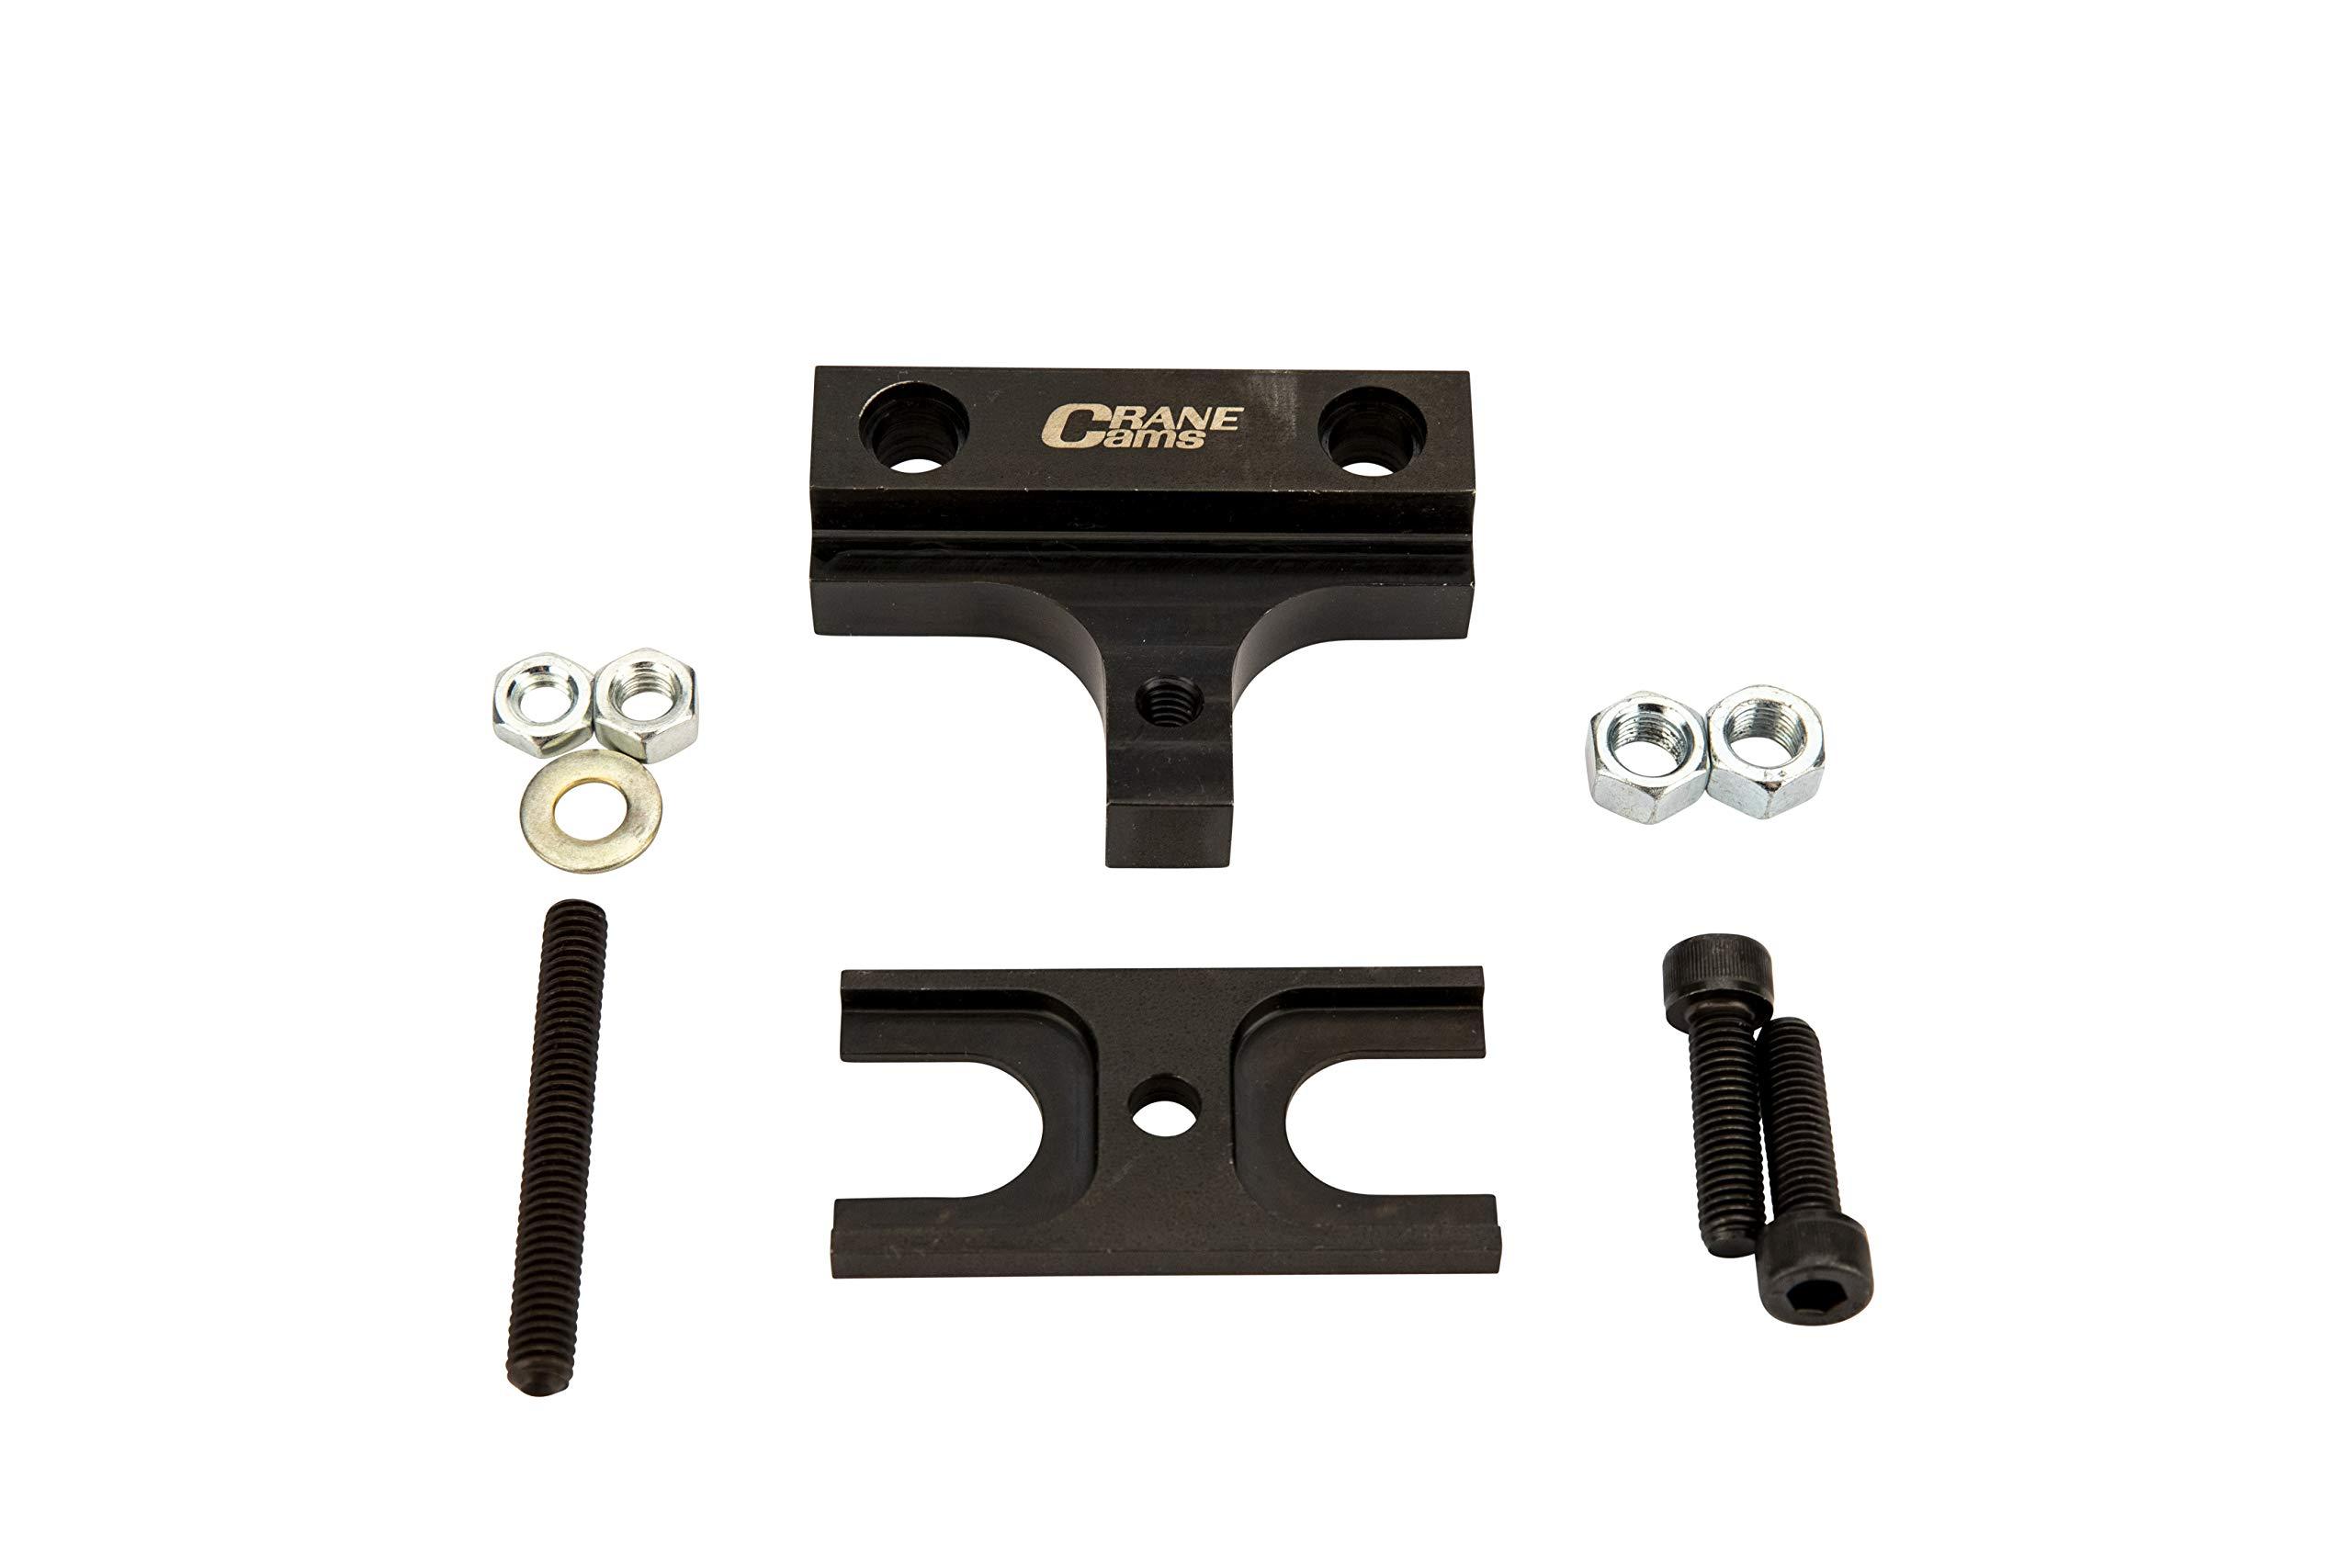 Crane Cams 99475-1 Valve Spring Compressor for Chevy LS by Crane Cams